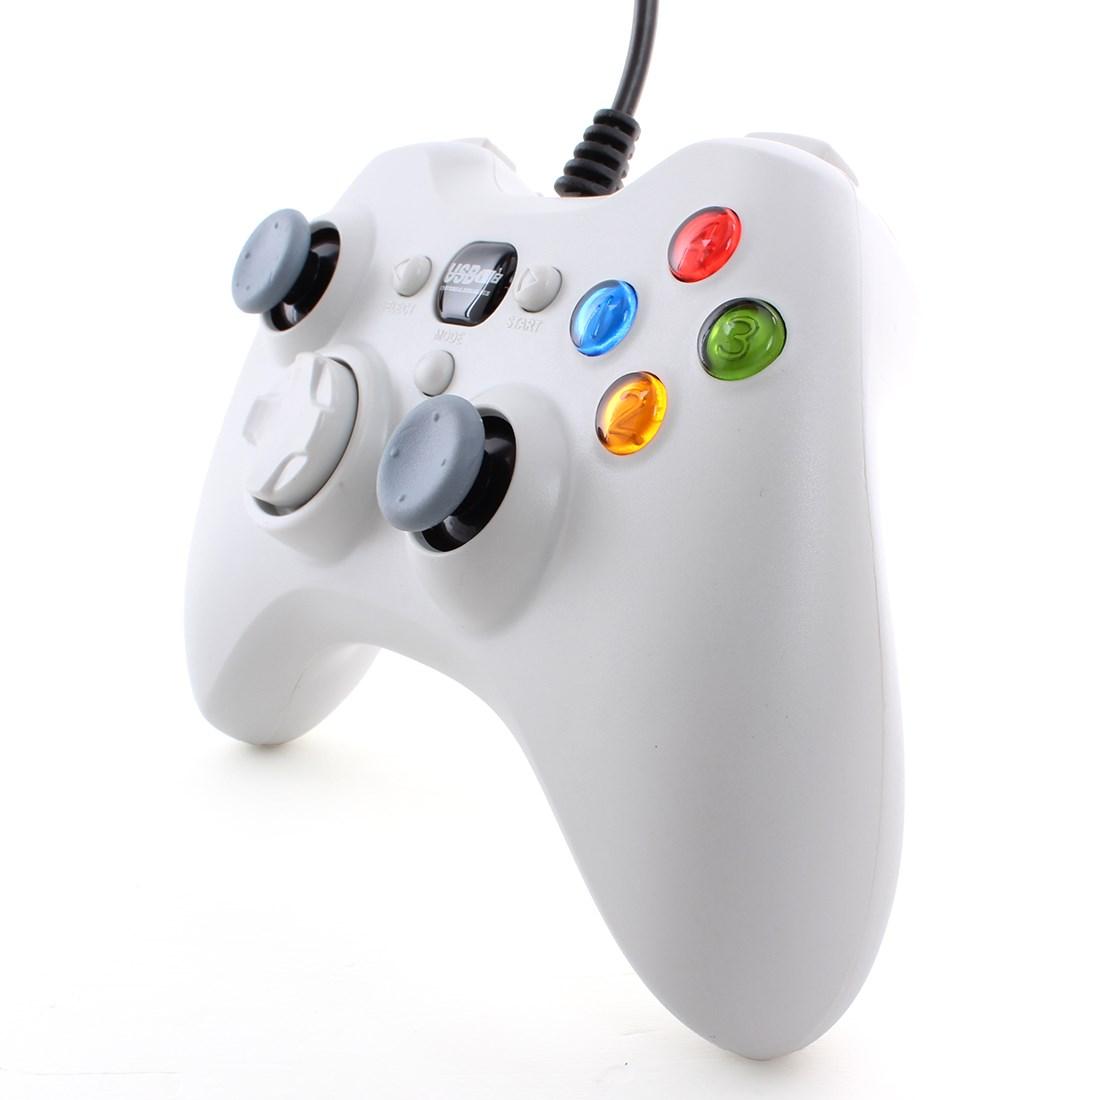 Полезная проводная USB игра контроллер джойстик геймпад для пк лэптоп компьютер